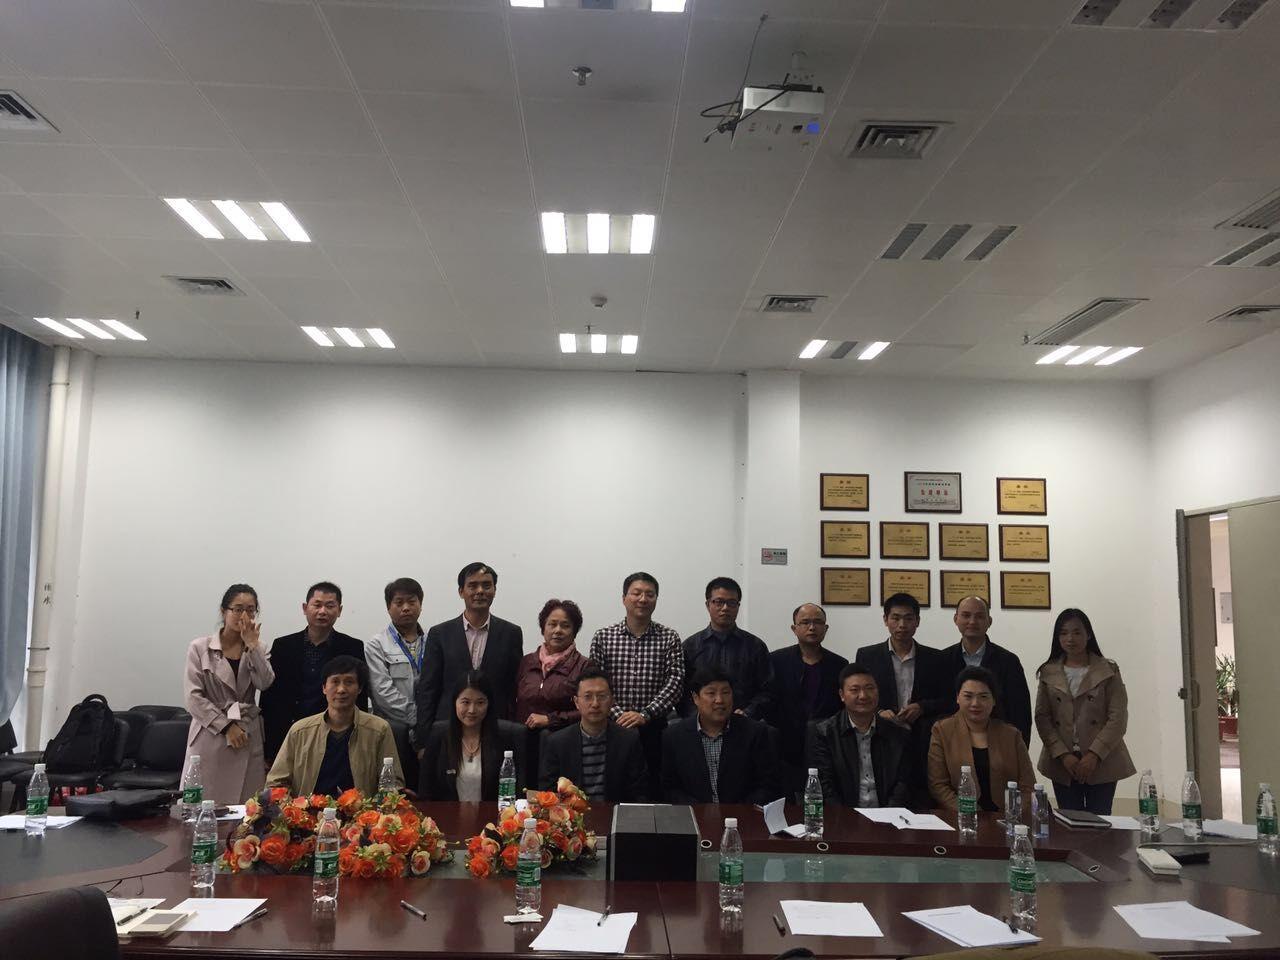 构建标准体系,奥德应邀参加深圳市标准化工作会议!